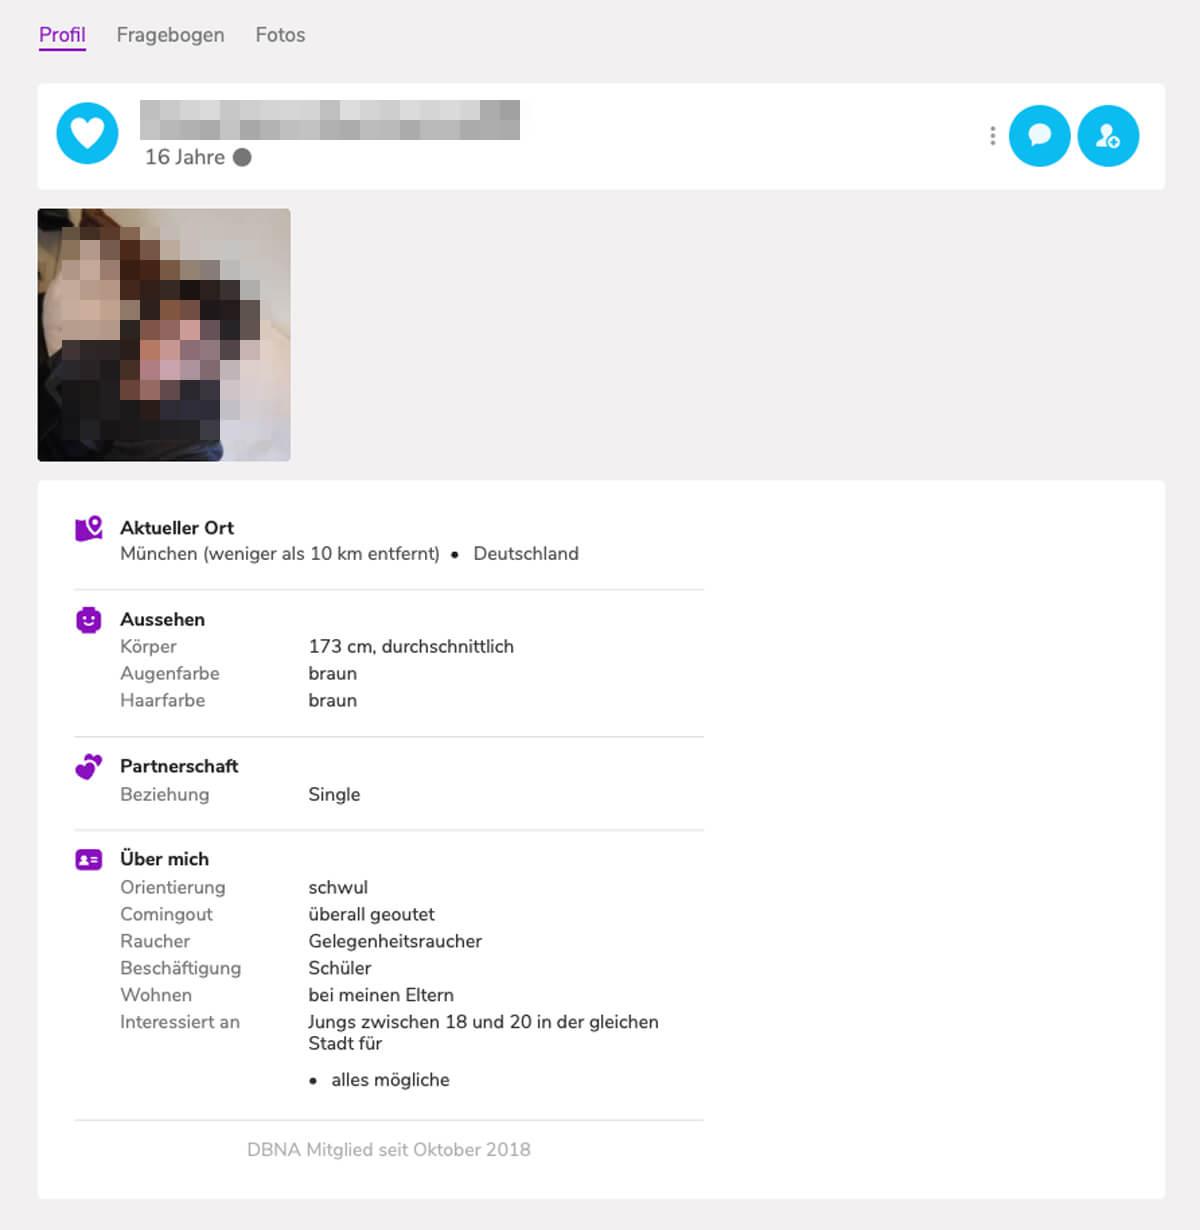 DBNA Profil